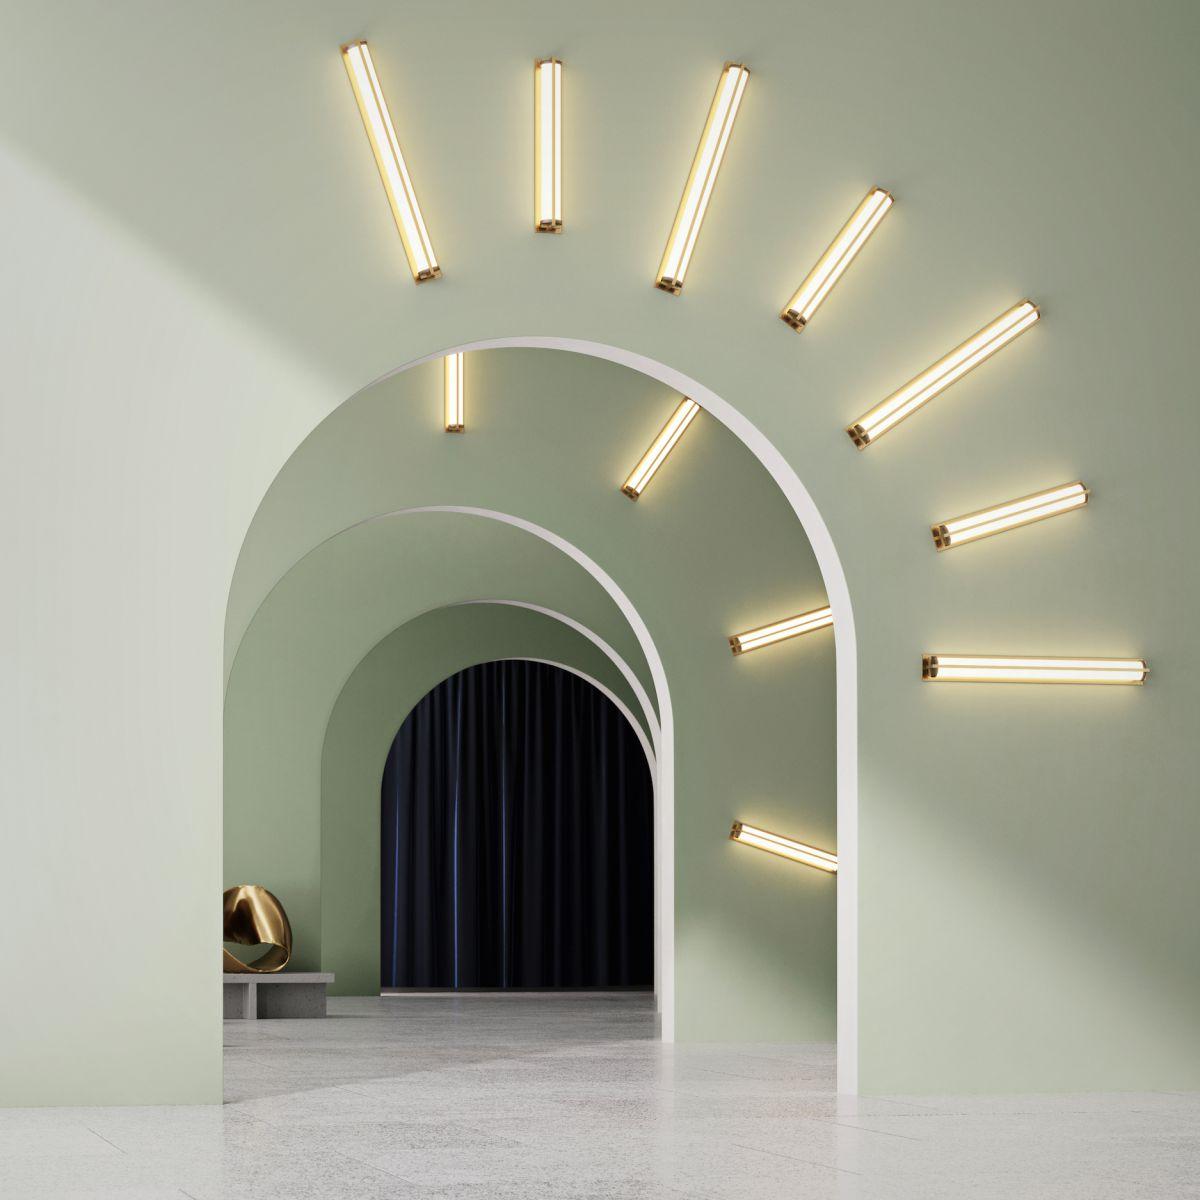 Ánh sáng trong thiết kế văn phòng